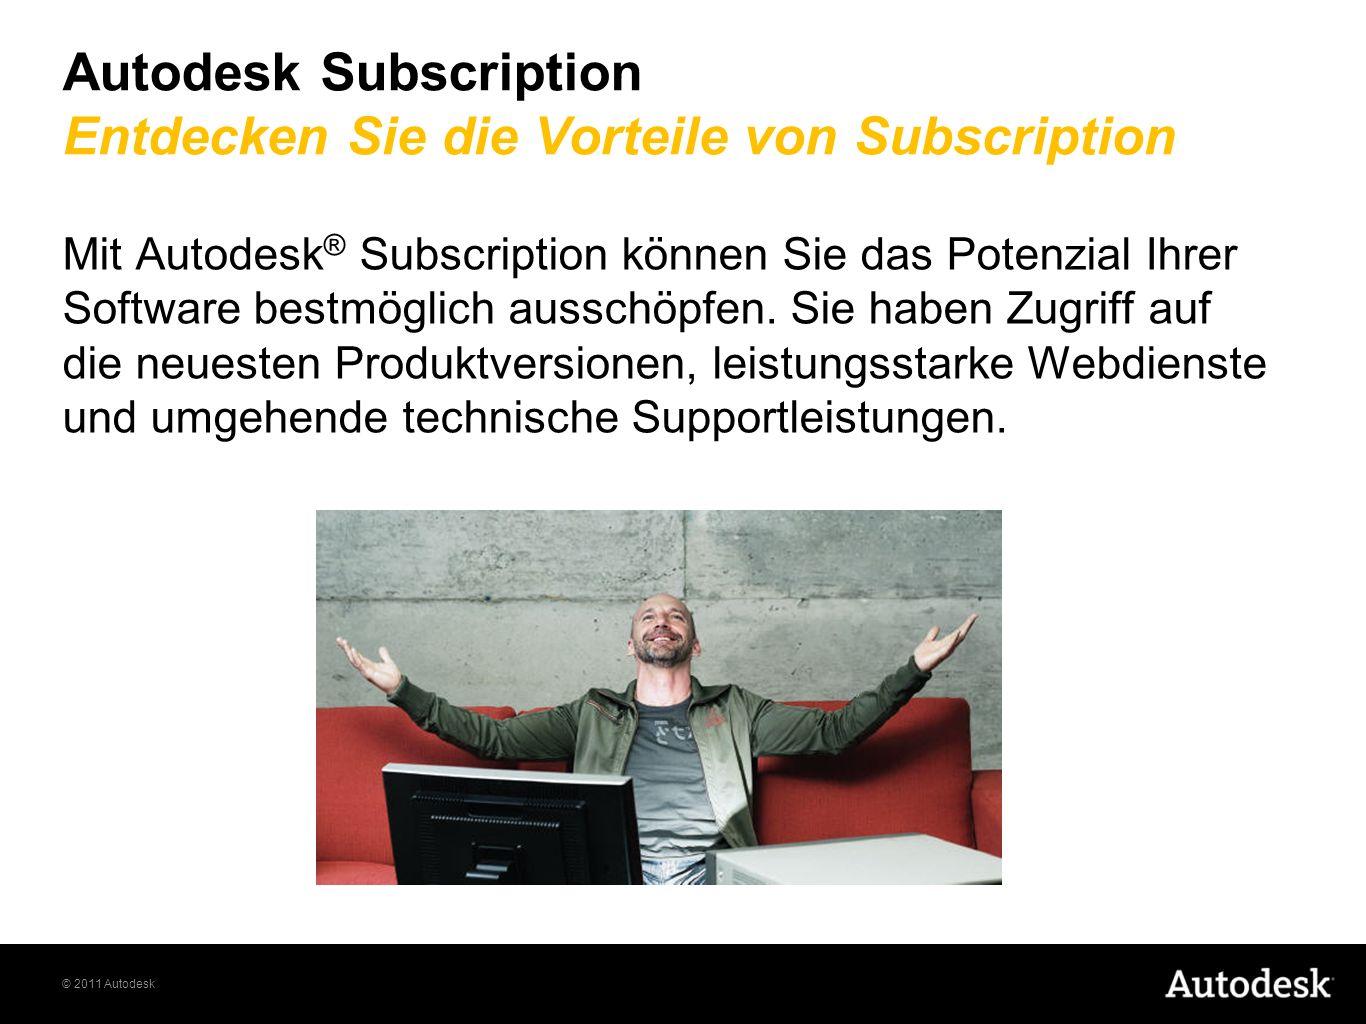 Autodesk Subscription Entdecken Sie die Vorteile von Subscription